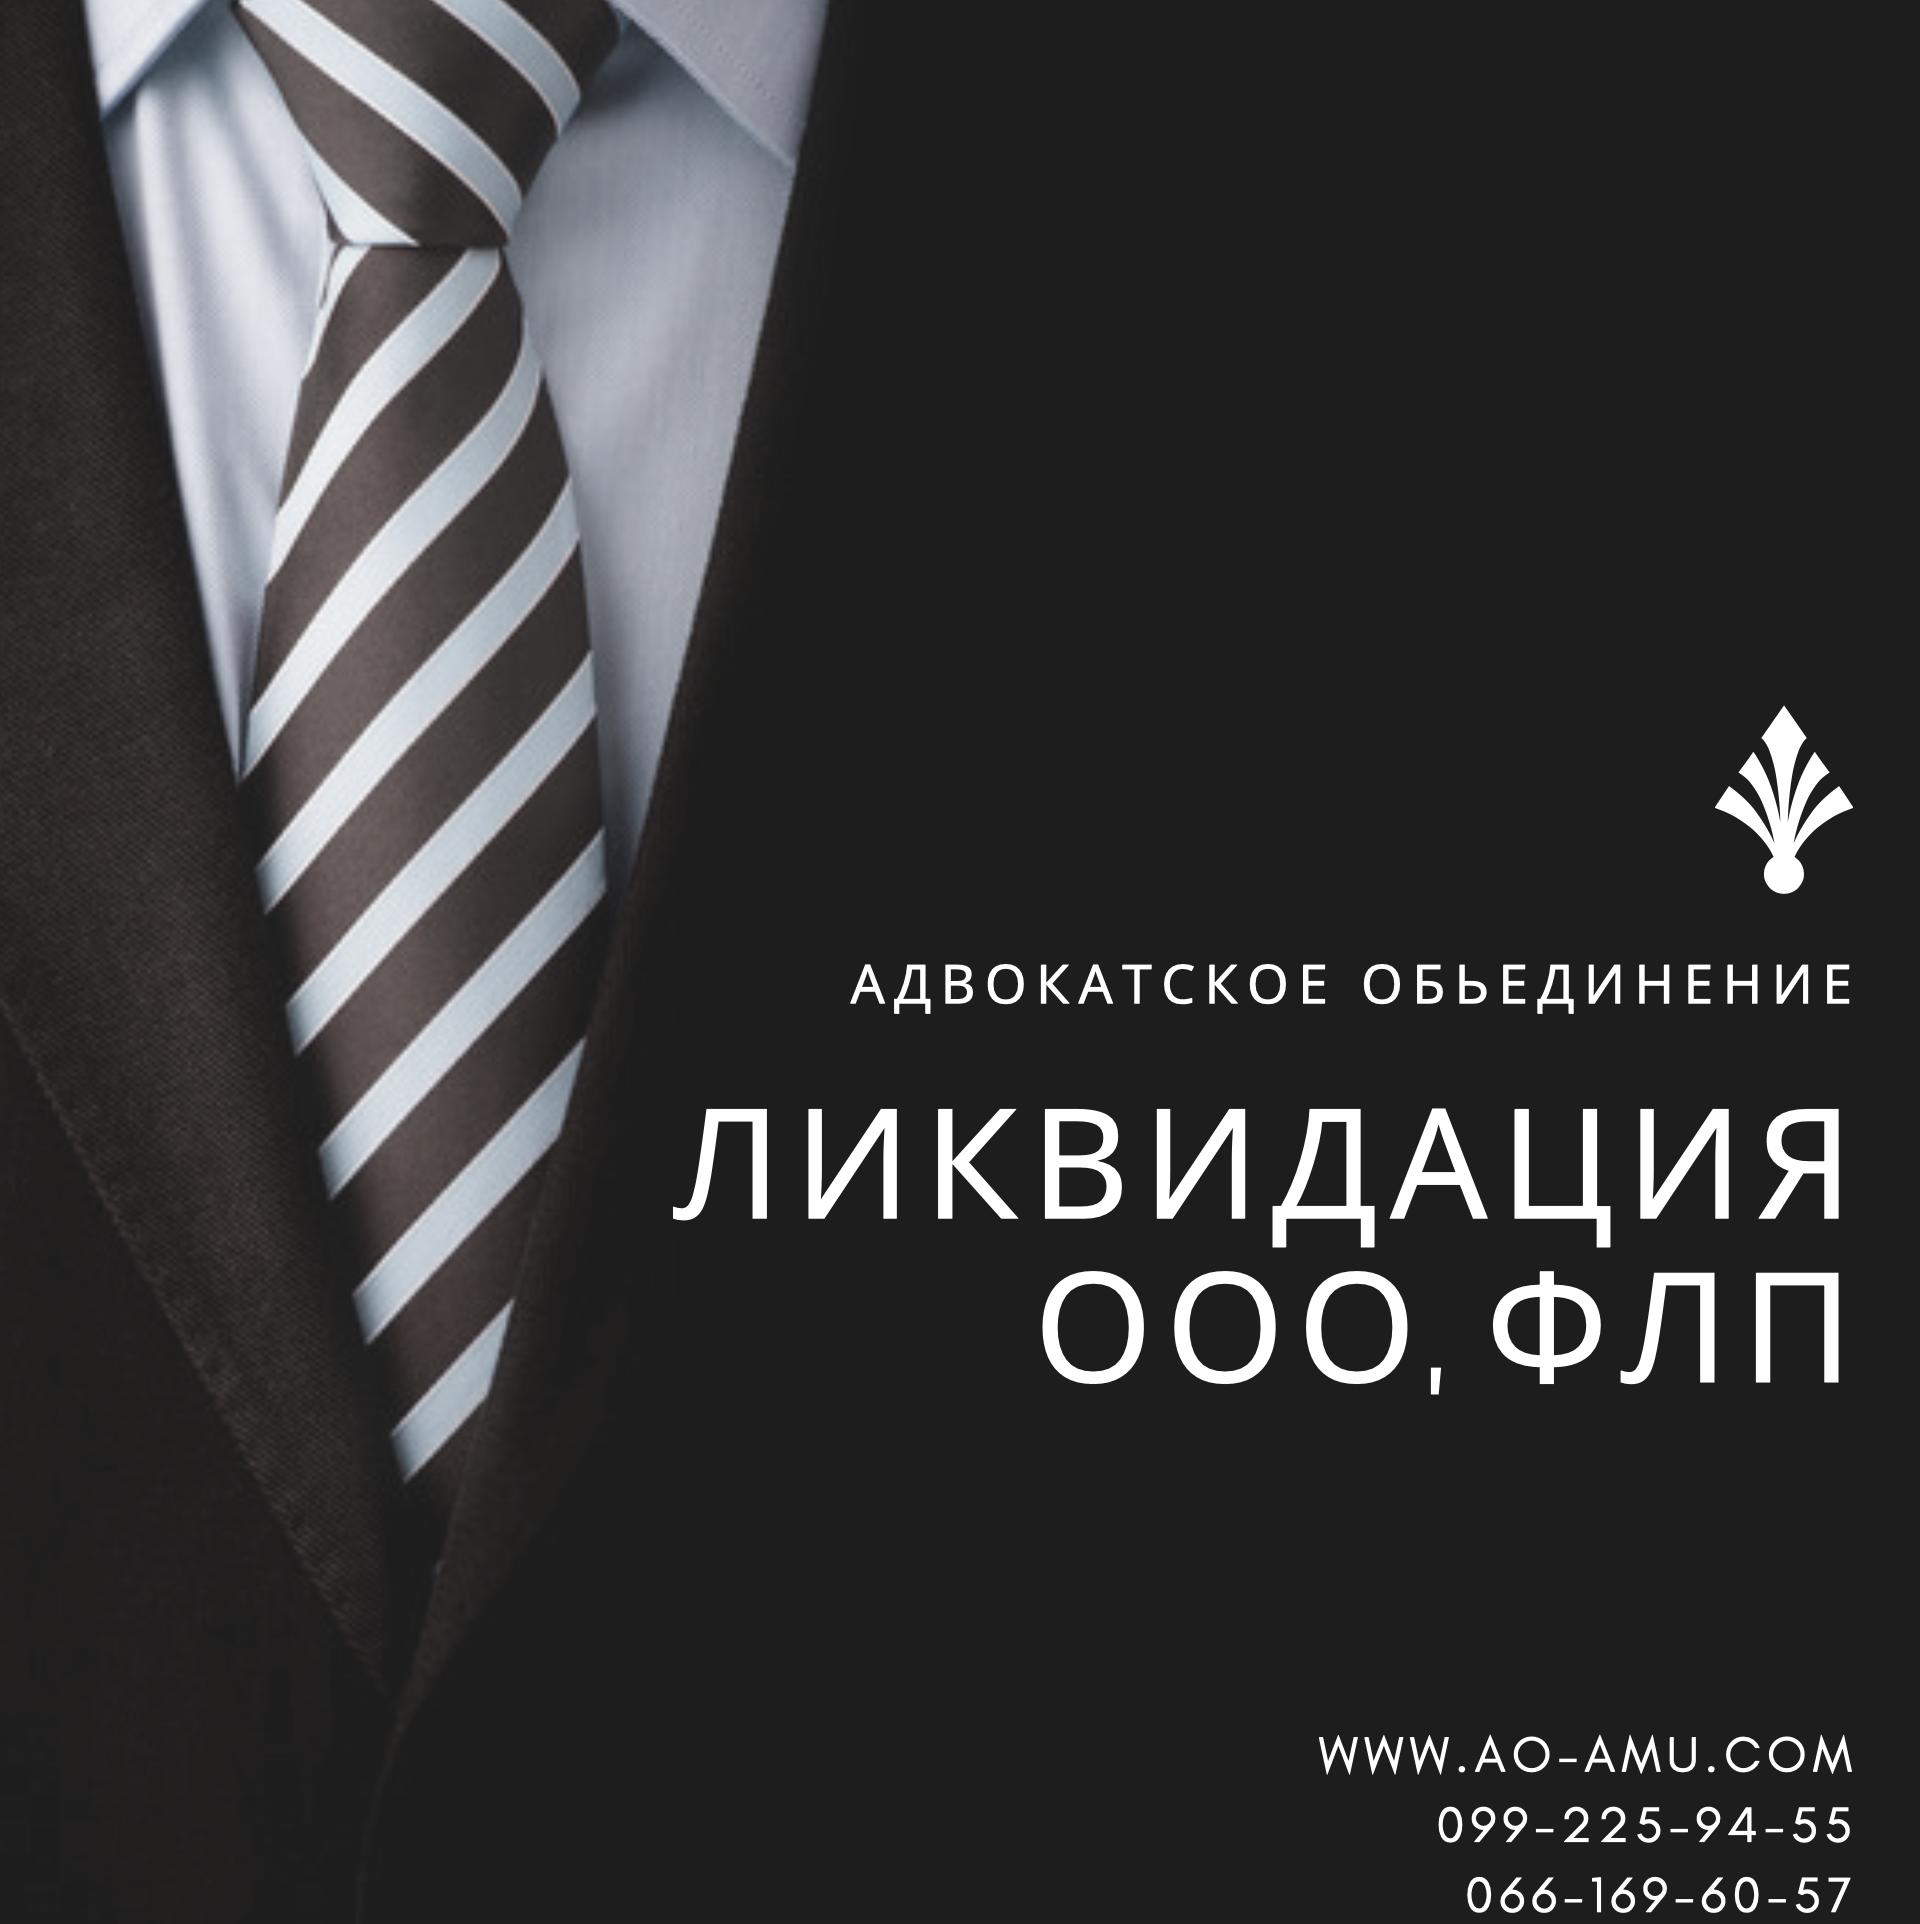 Фото ЛИКВИДАЦИЯ ООО, ФЛП